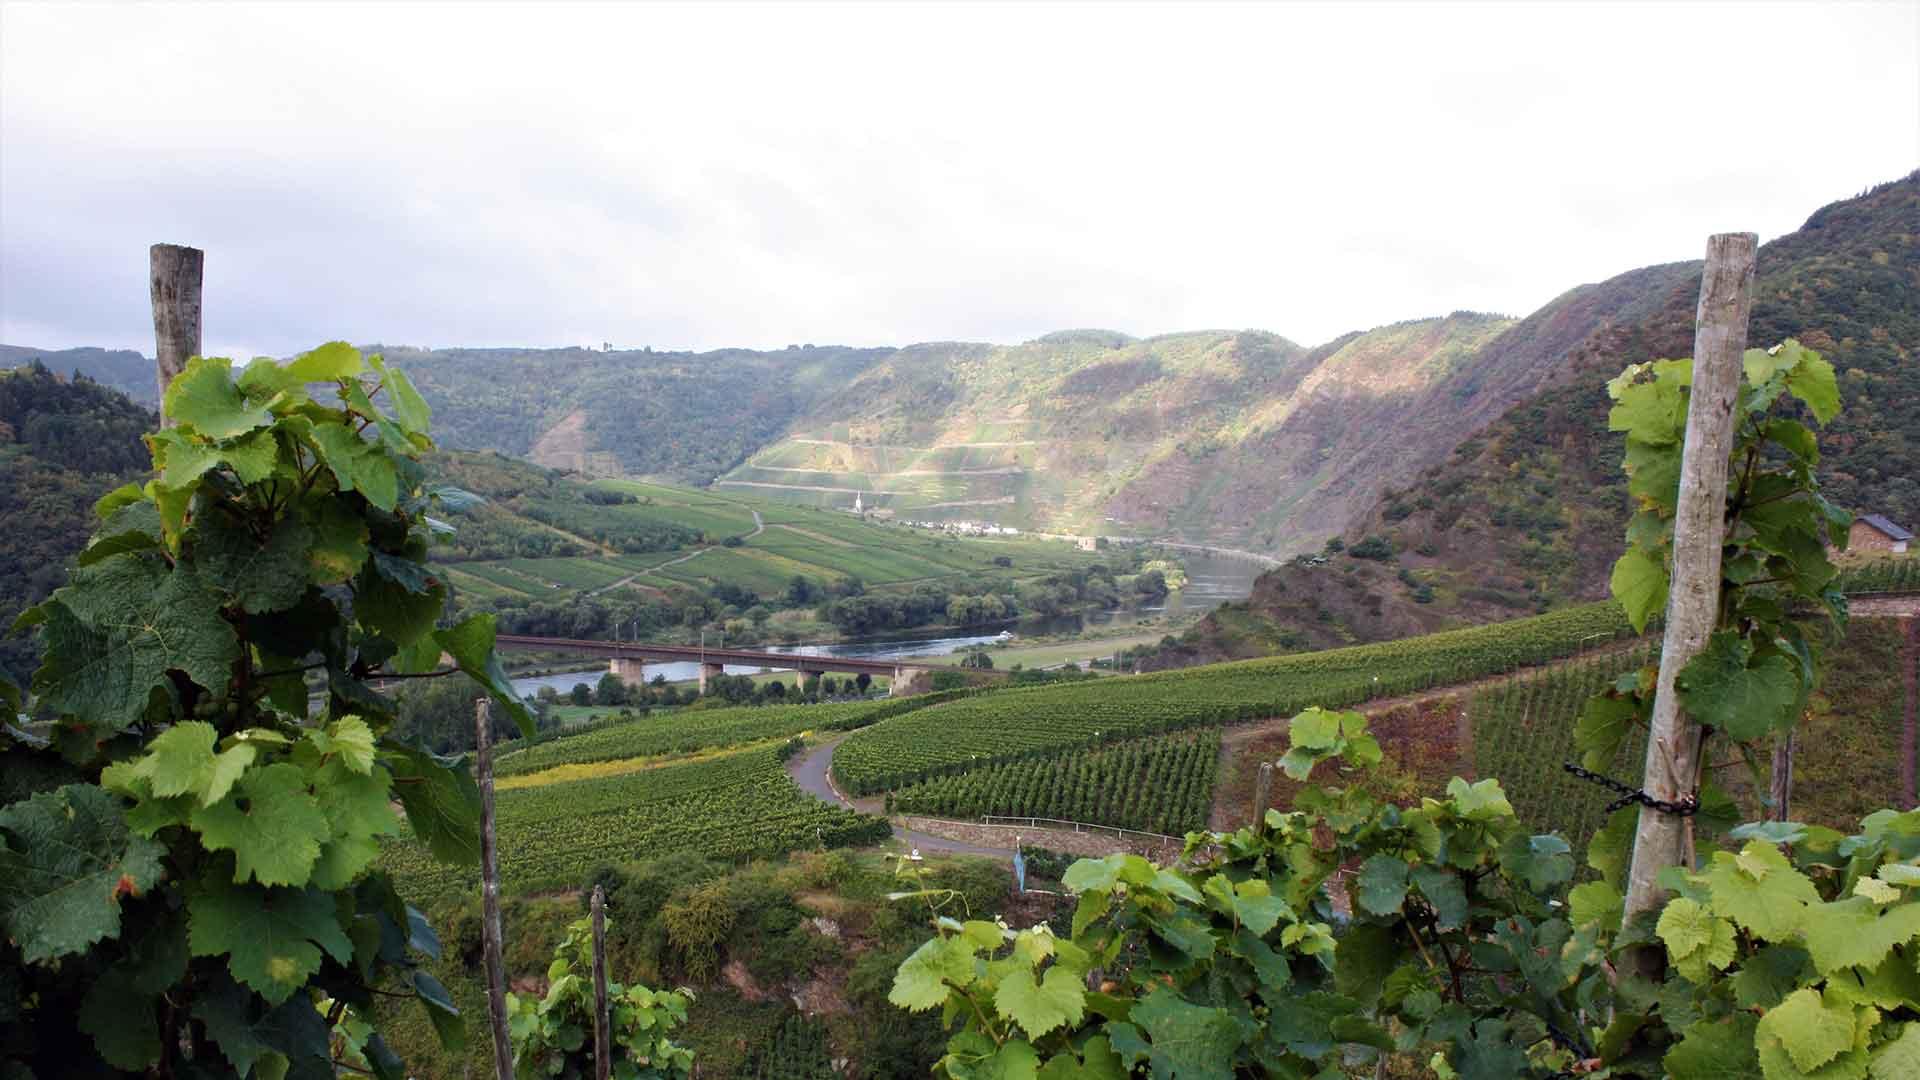 Uitzicht over de wijnbergen tijdens een fietsvakantie langs de Moezel.